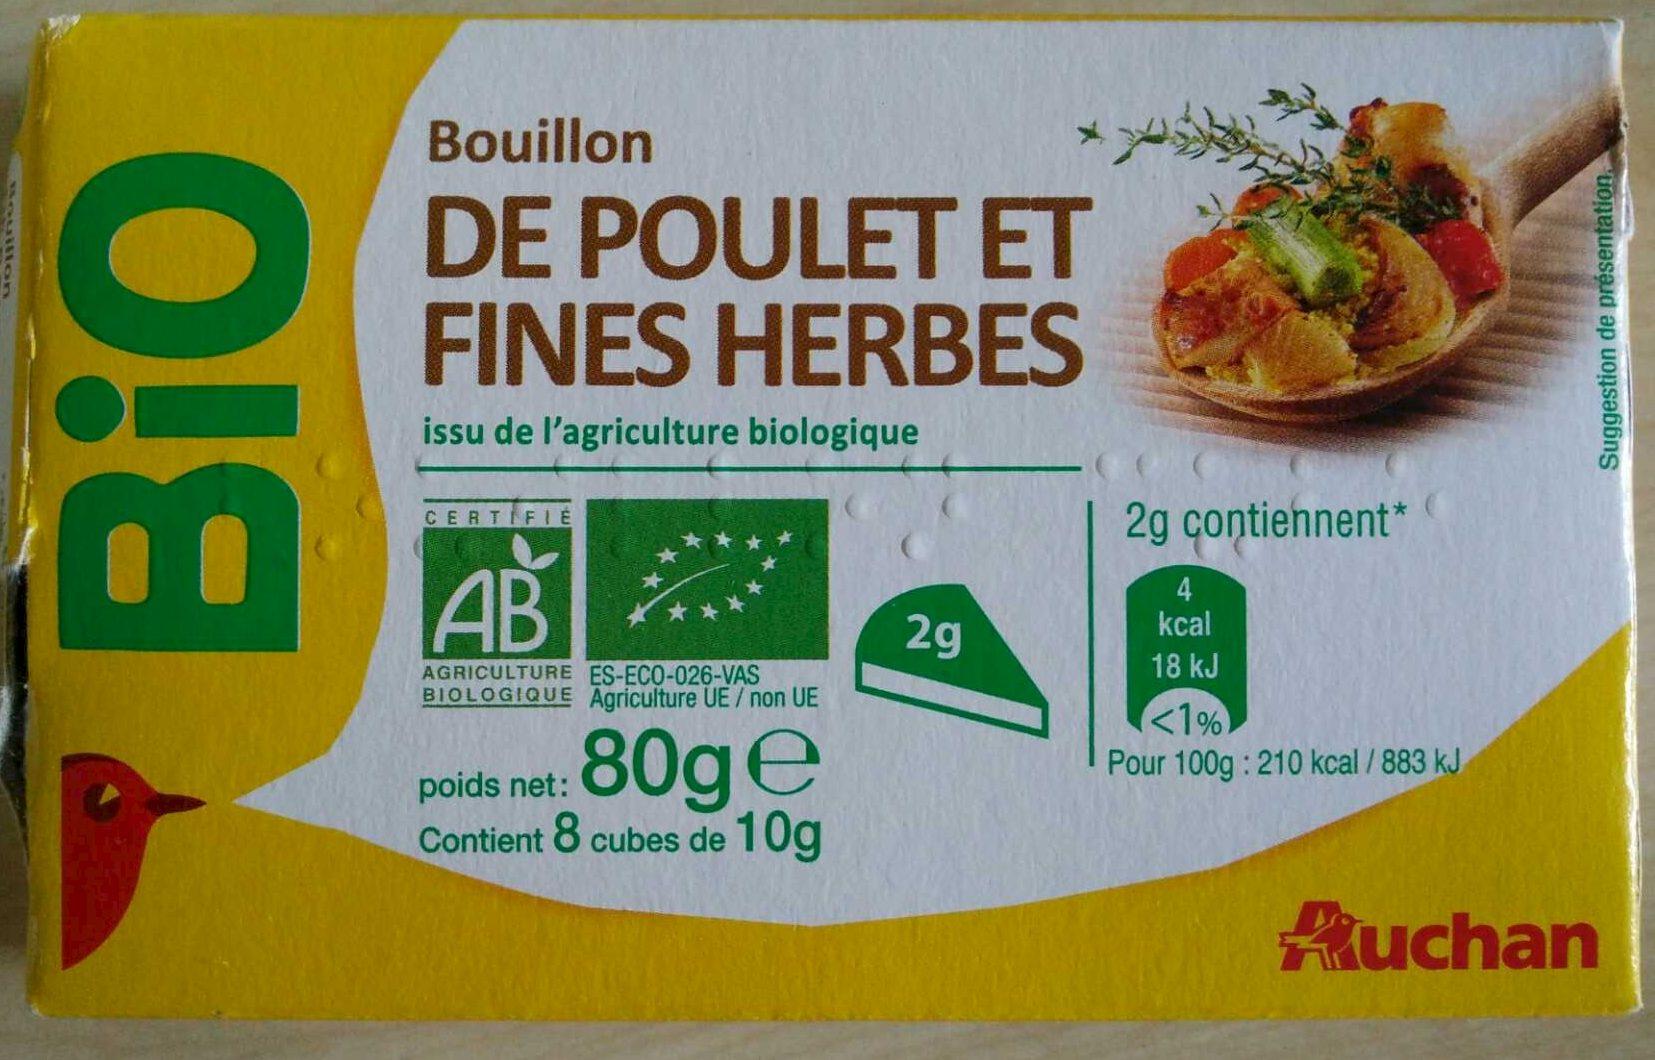 Bouillon de poulet et fines herbes - Product